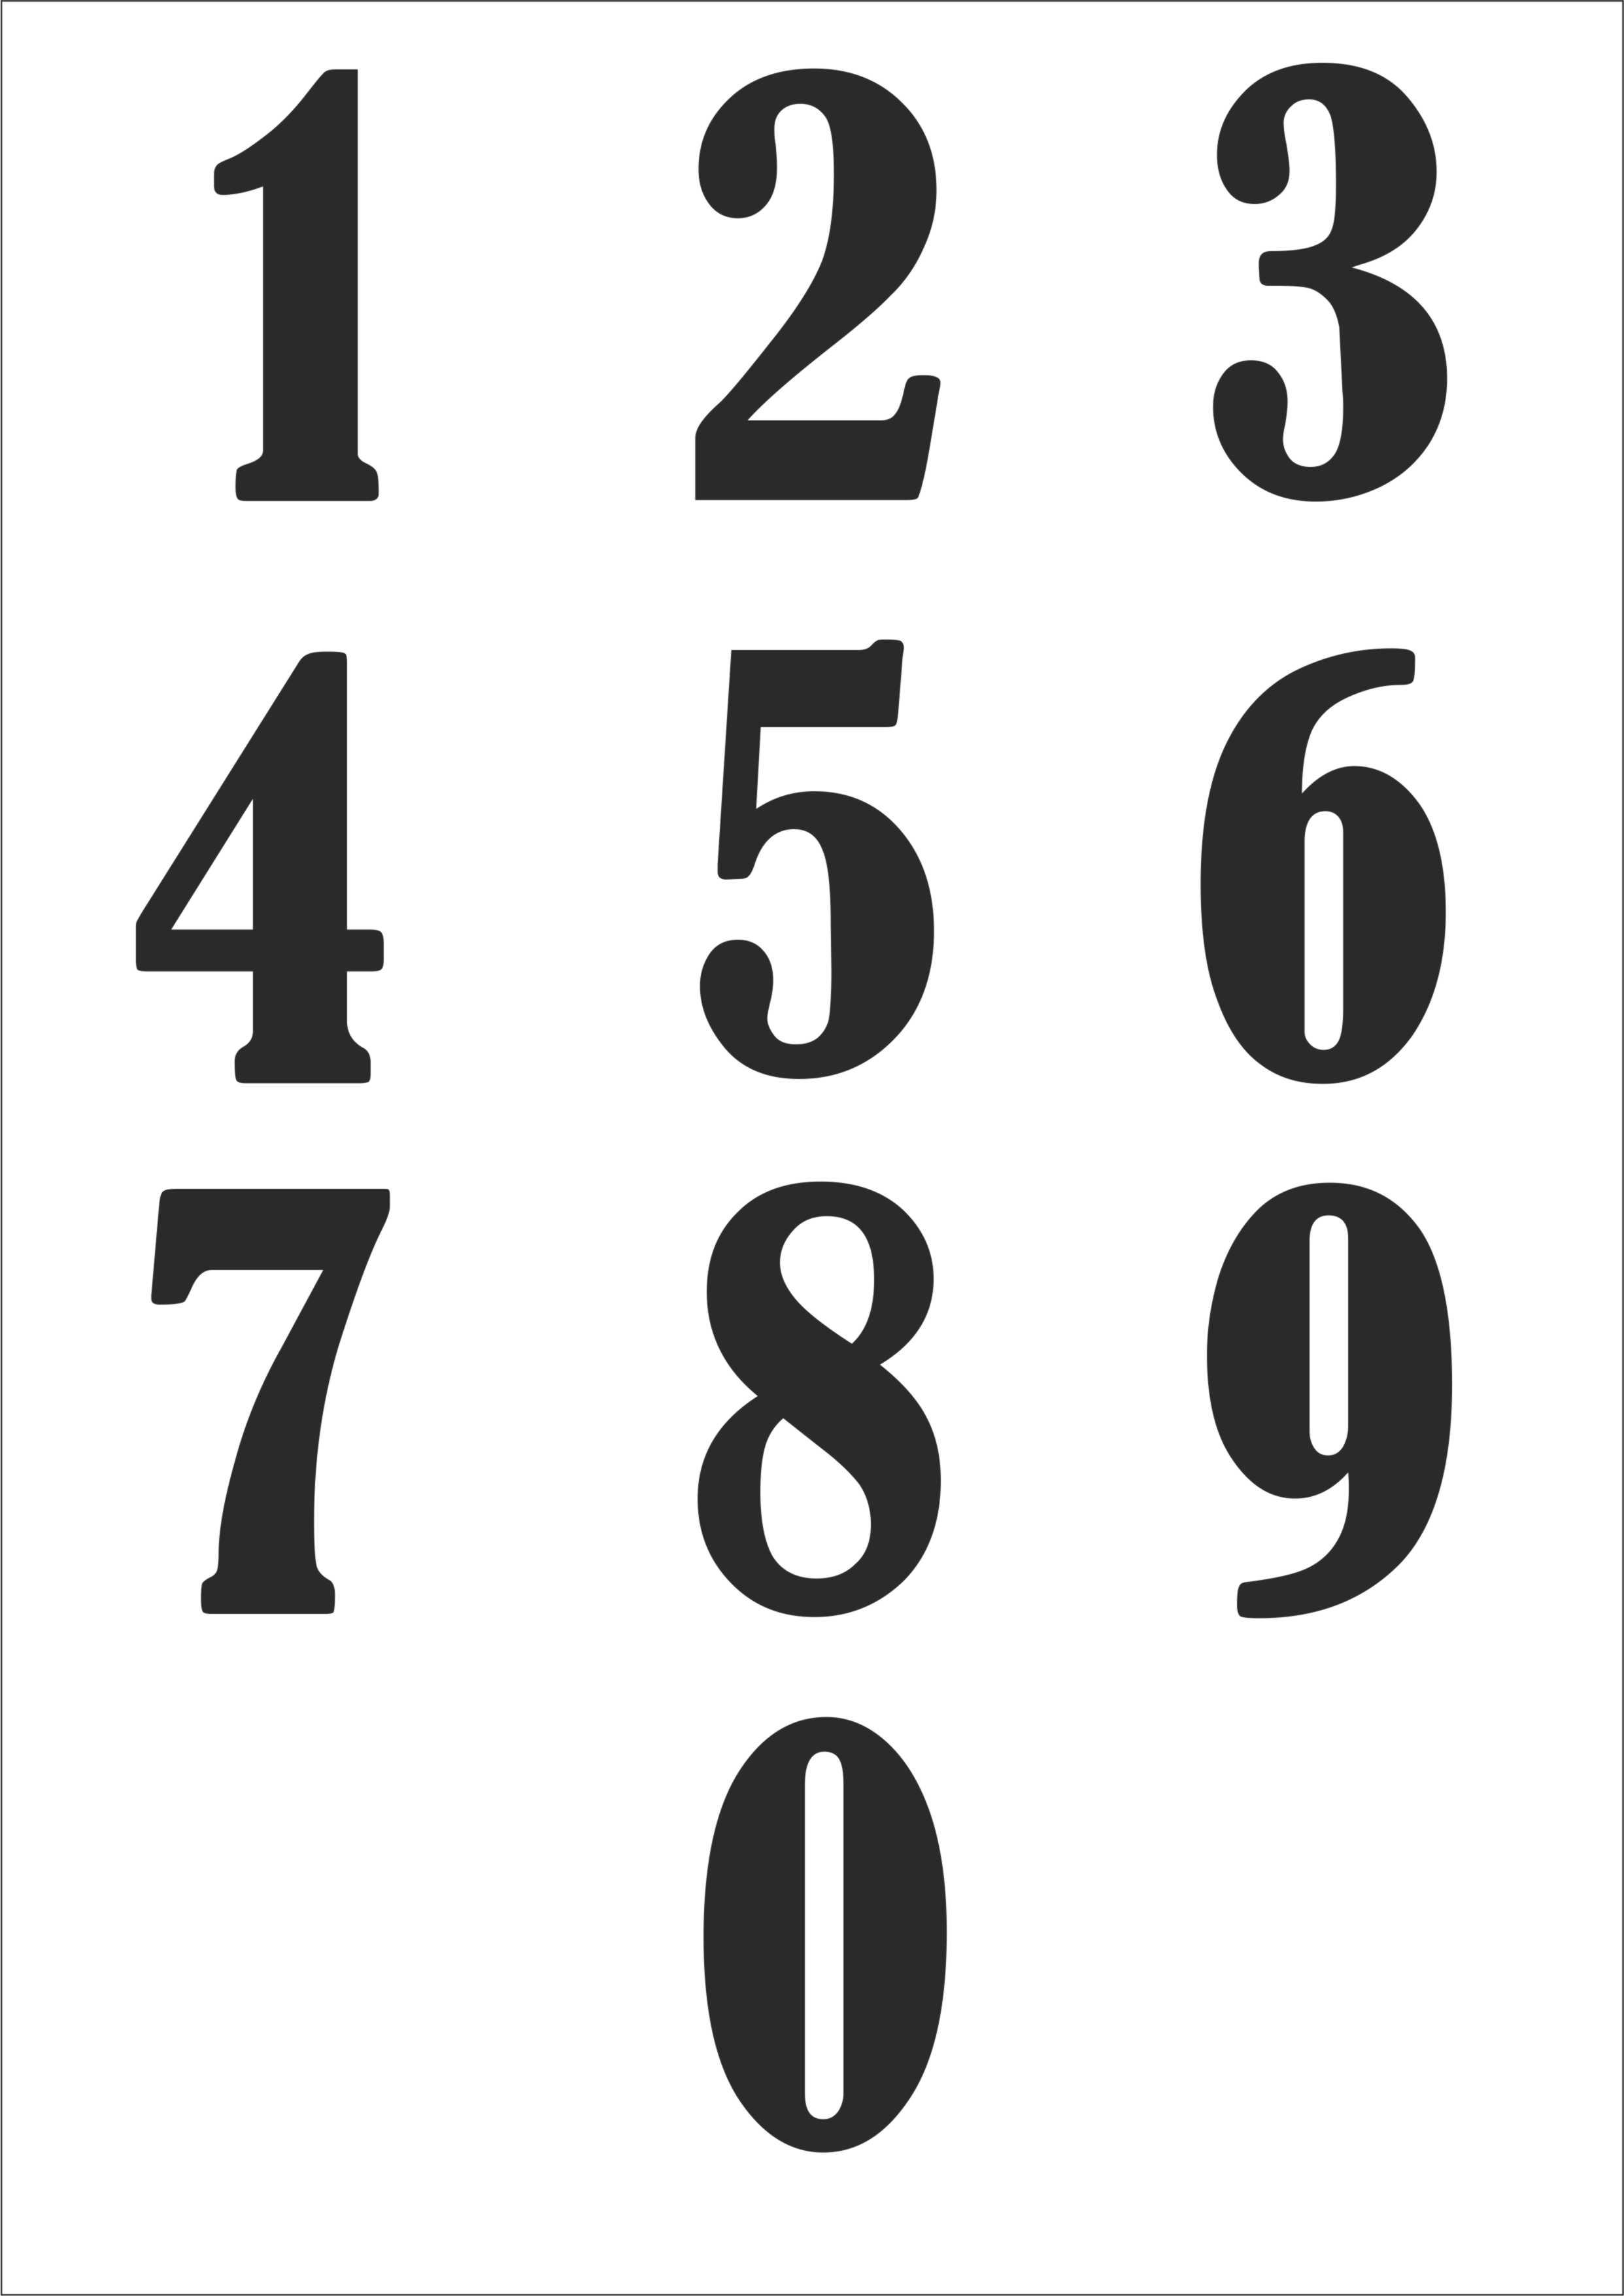 шаблоны цифр для фото восхитились стройностью